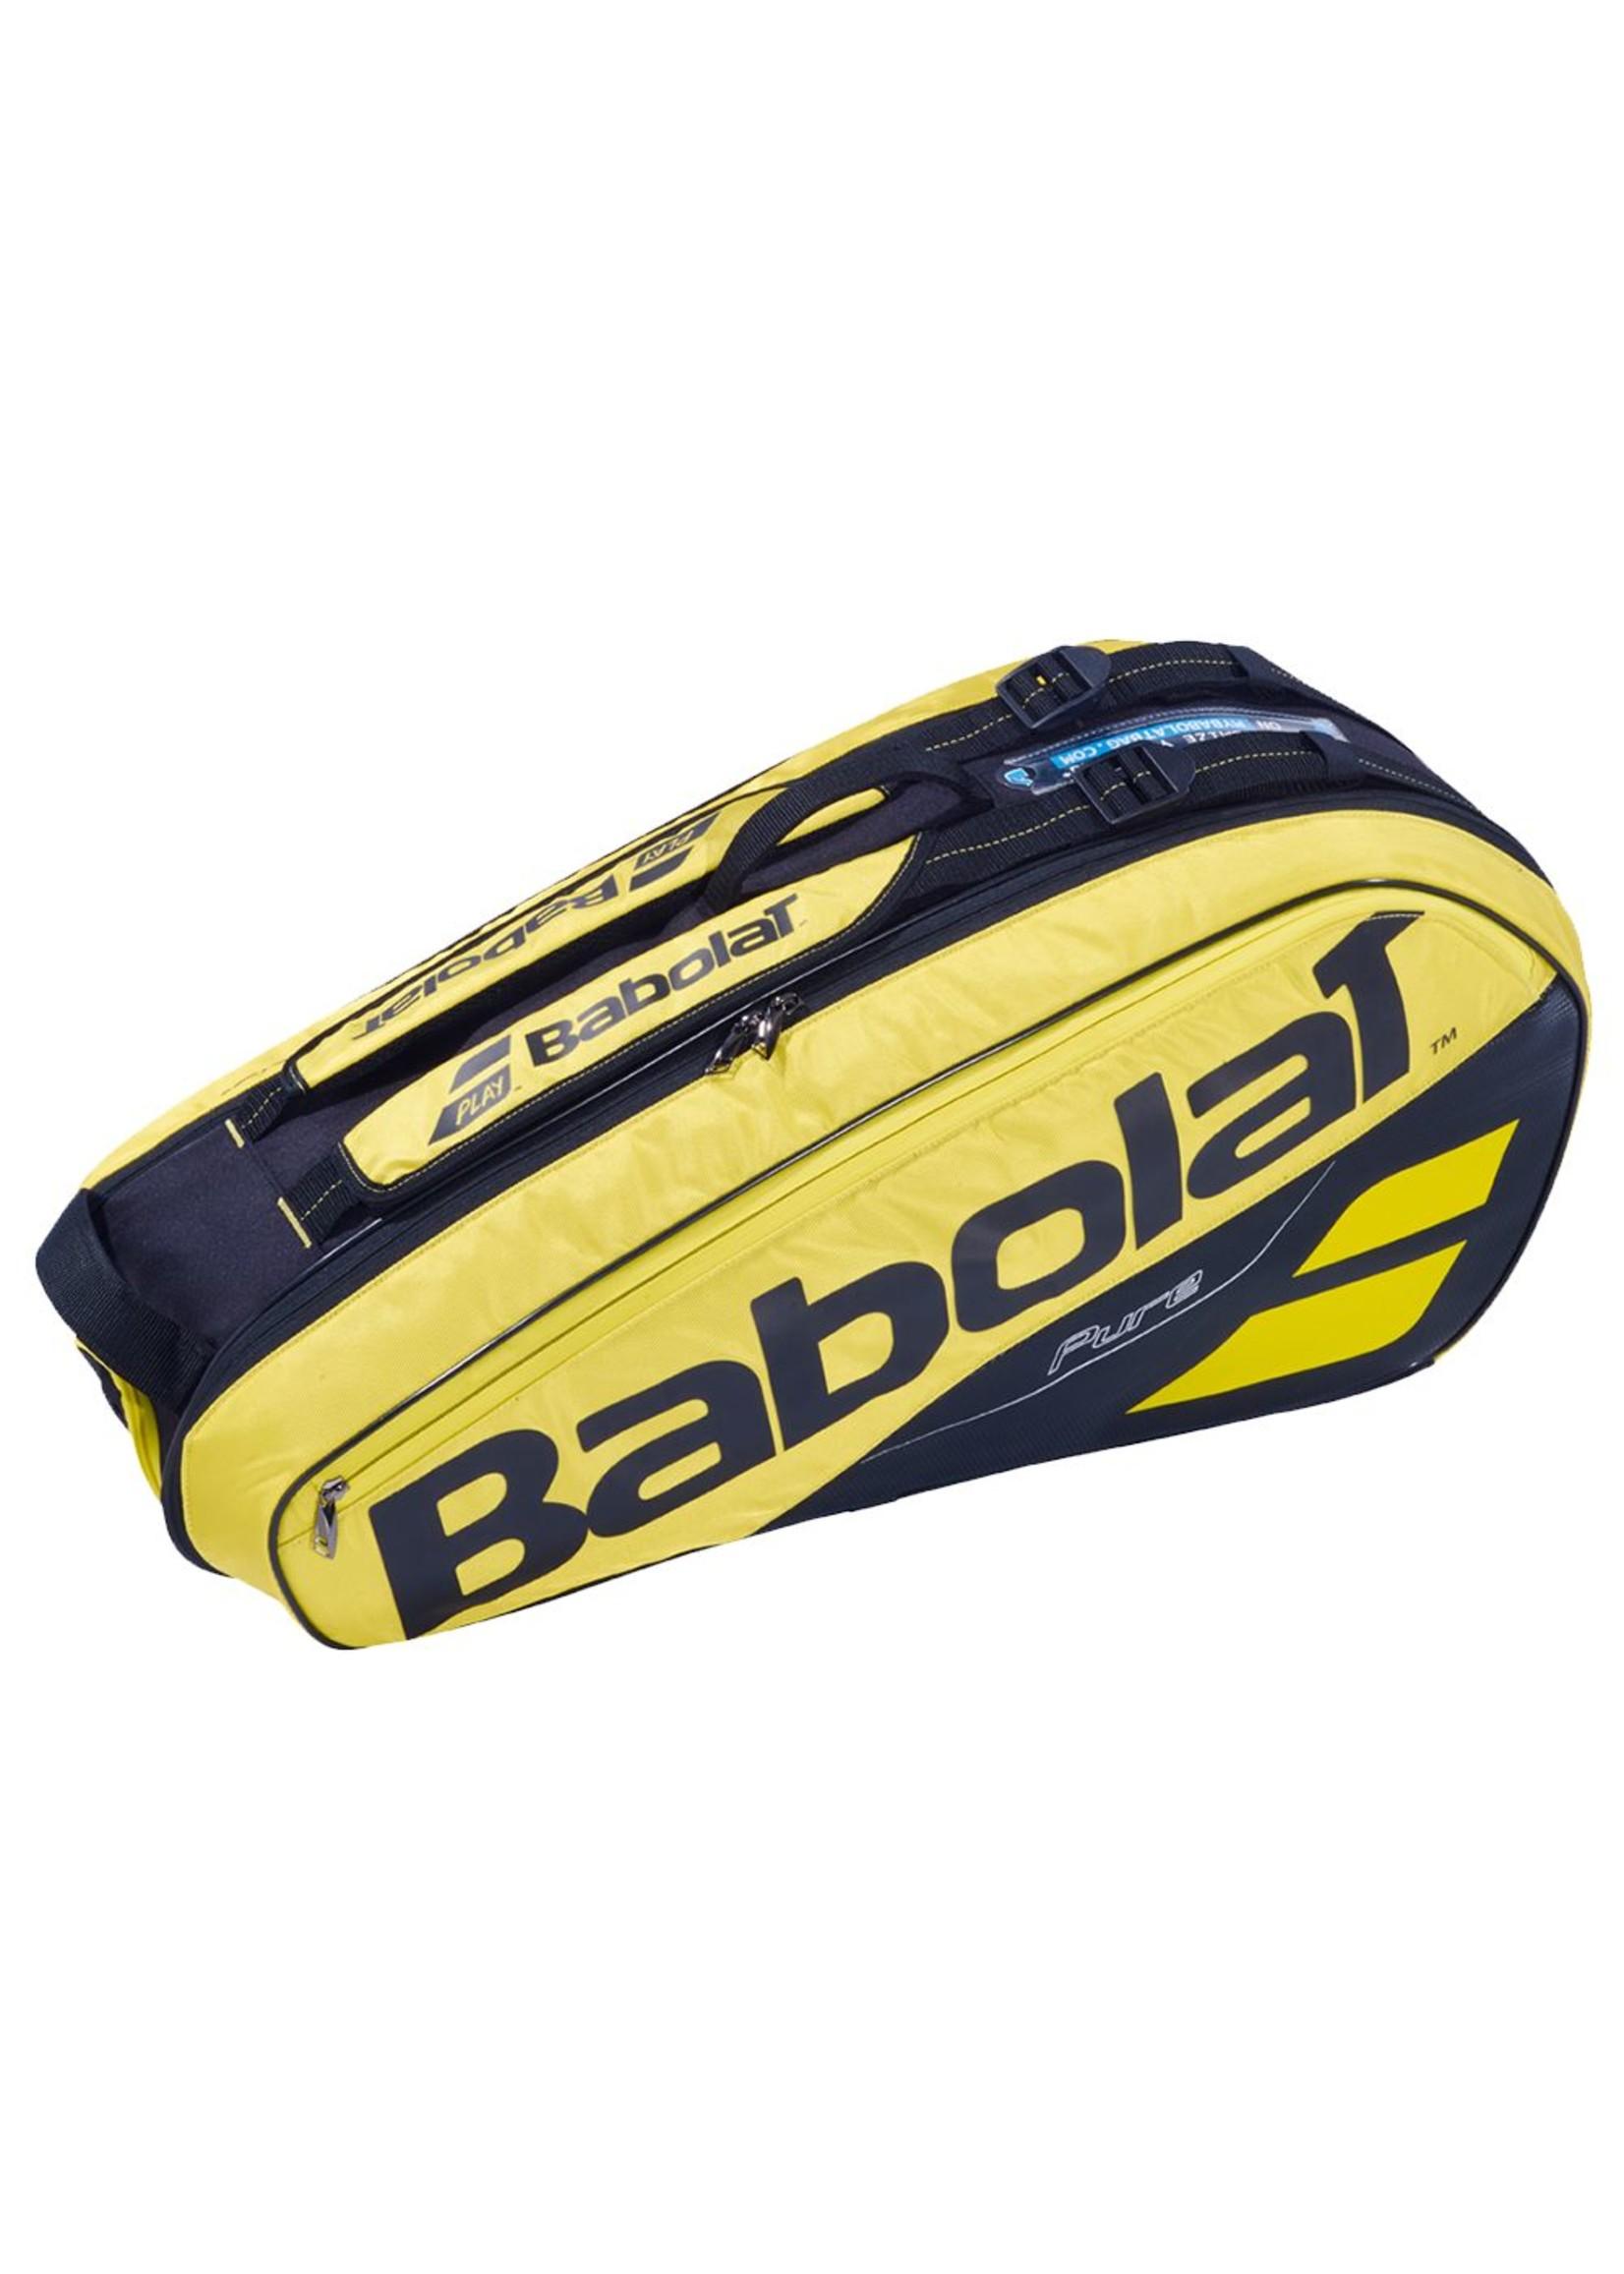 Babolat Babolat Pure Aero 6 Racket Bag (2019)